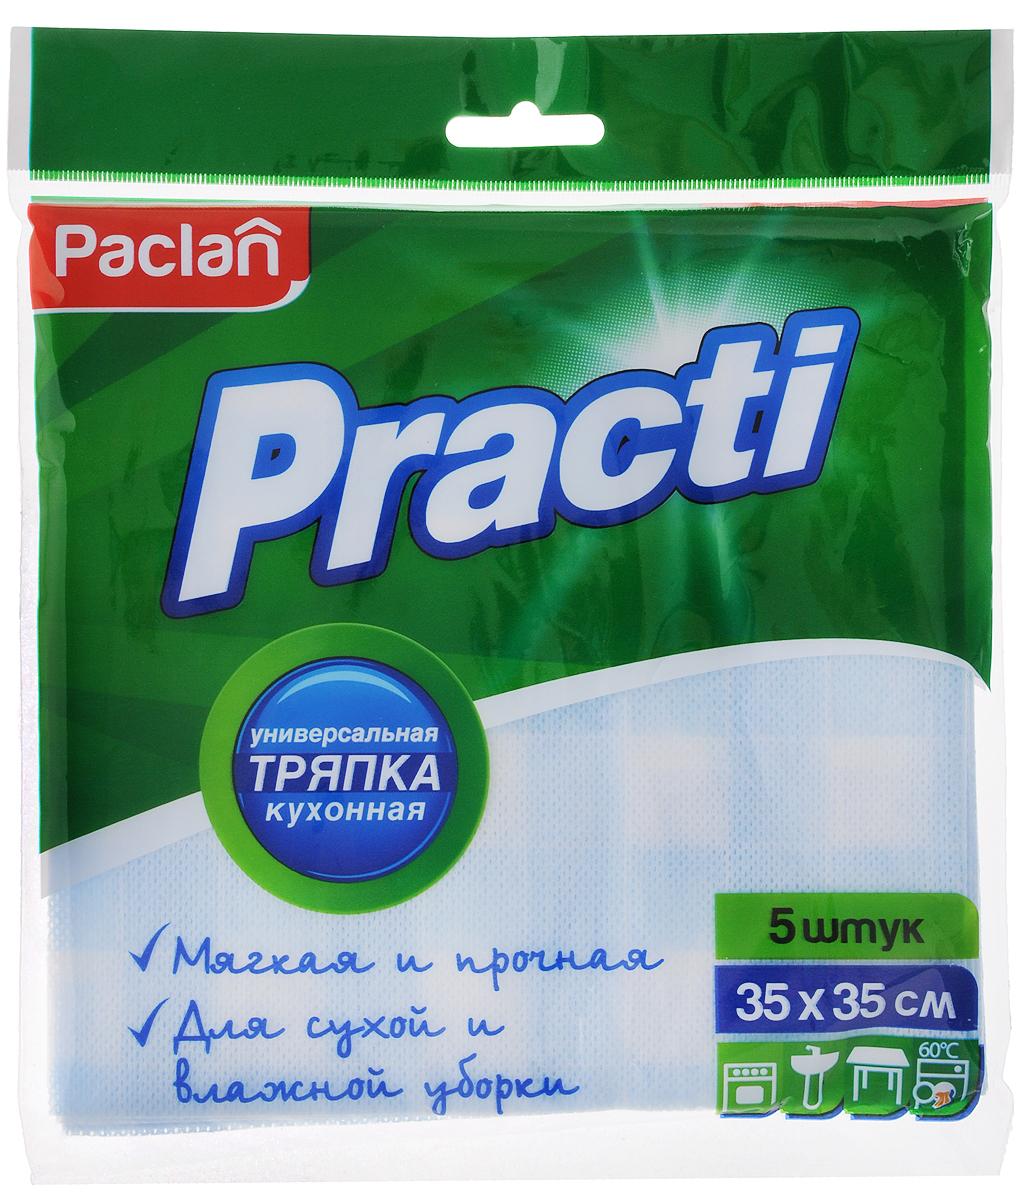 Салфетка для уборки Paclan Practi, универсальная, цвет: белый, голубой, 35 х 35 см, 5 шт787502Салфетки для уборки Paclan Practi, выполненные из вискозы и полиэстера, превосходно впитывают влагу и легко отжимаются. Они быстро и эффективно очищают загрязнения, не оставляют разводов и ворсинок на поверхности. Изделия подходят как для влажной, так и для сухой уборки.В комплекте 5 салфеток.